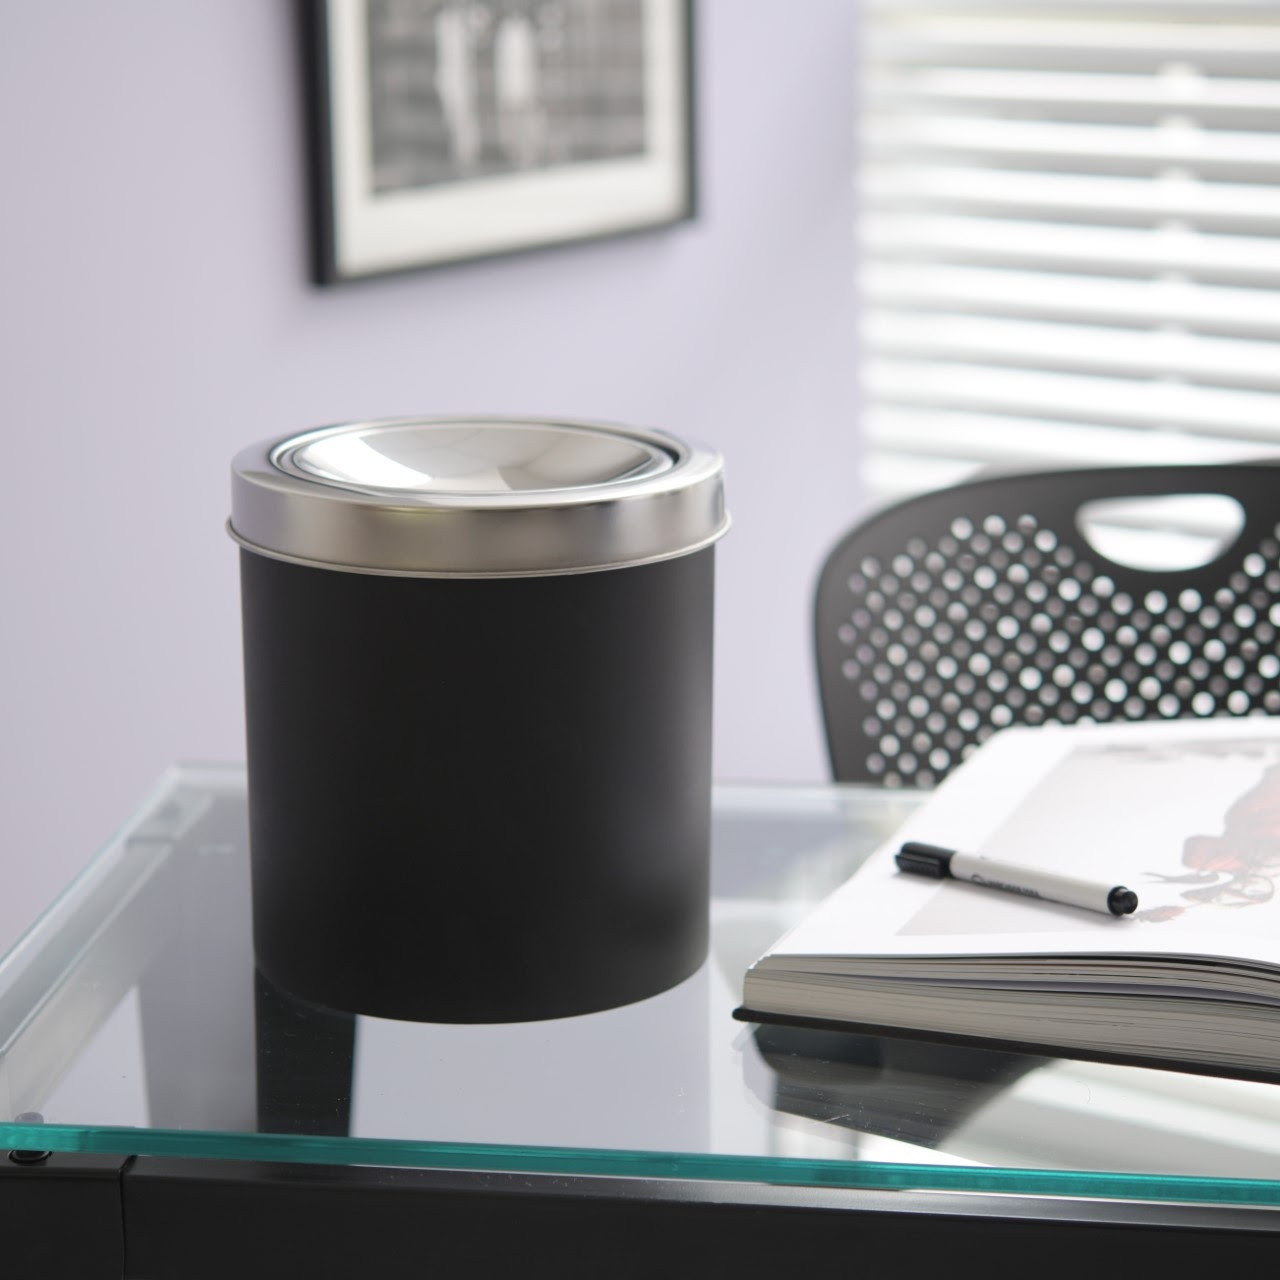 Lixeira basculante Decorline na cor preto. Ela está em cima de uma mesa de vidro de um escritório.